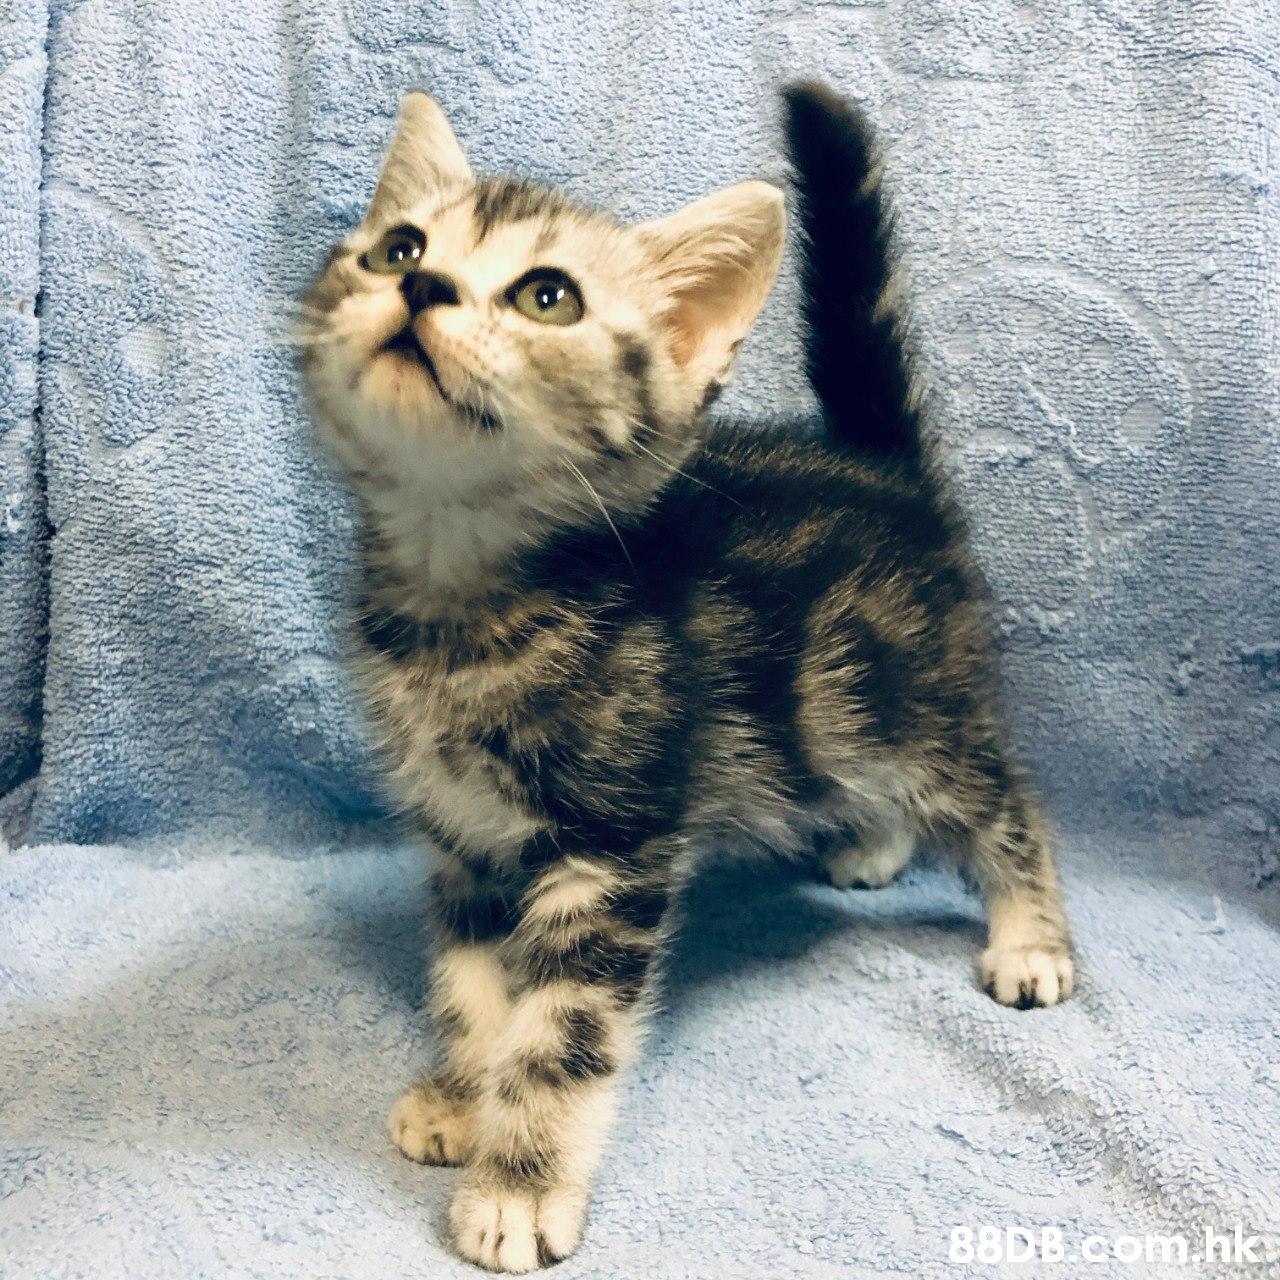 88D B.com hk  Cat,Mammal,Vertebrate,Small to medium-sized cats,Felidae